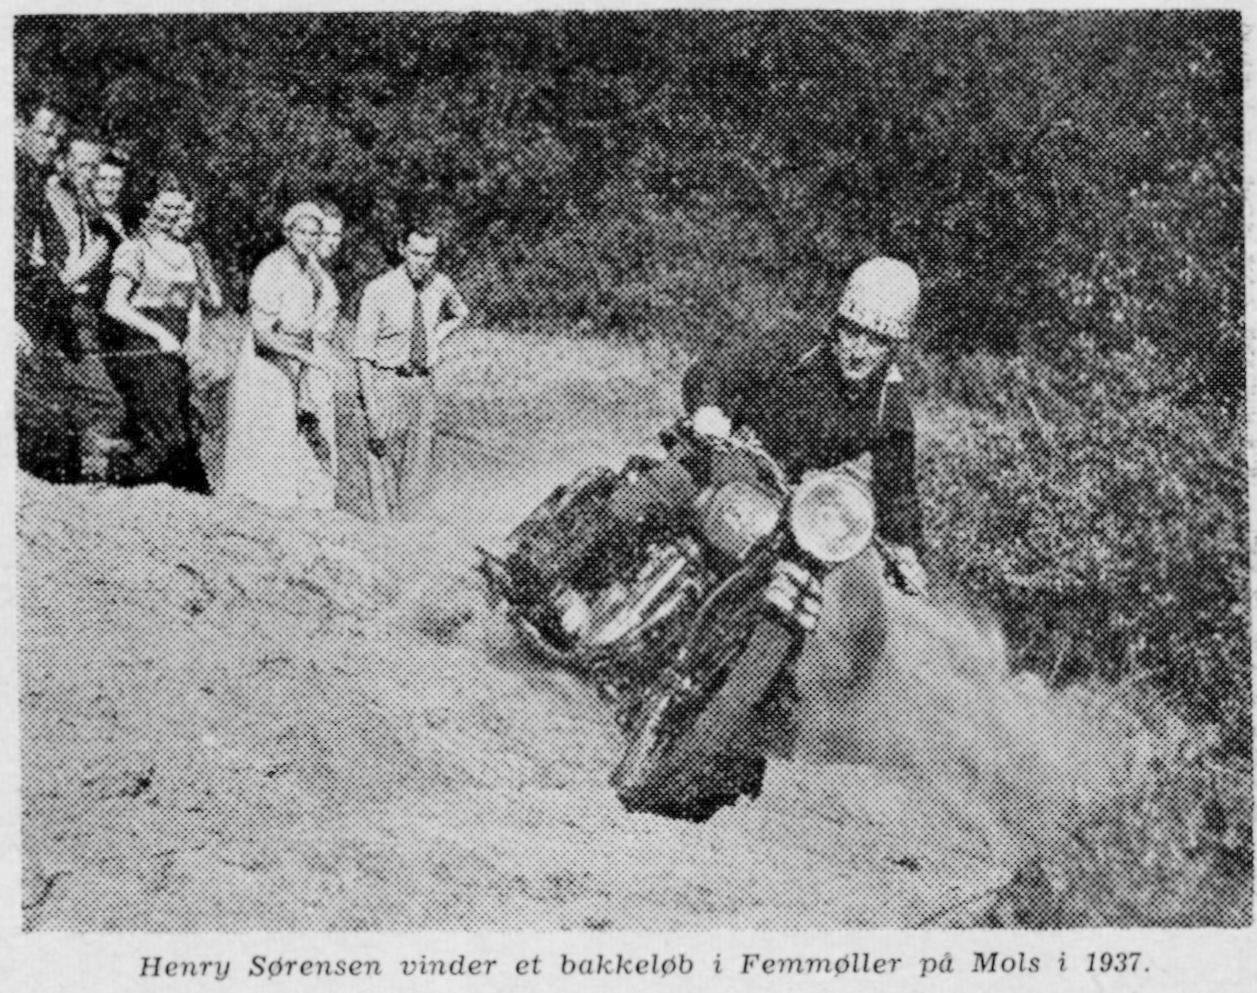 Henry Sørensen DMU blad marts 56